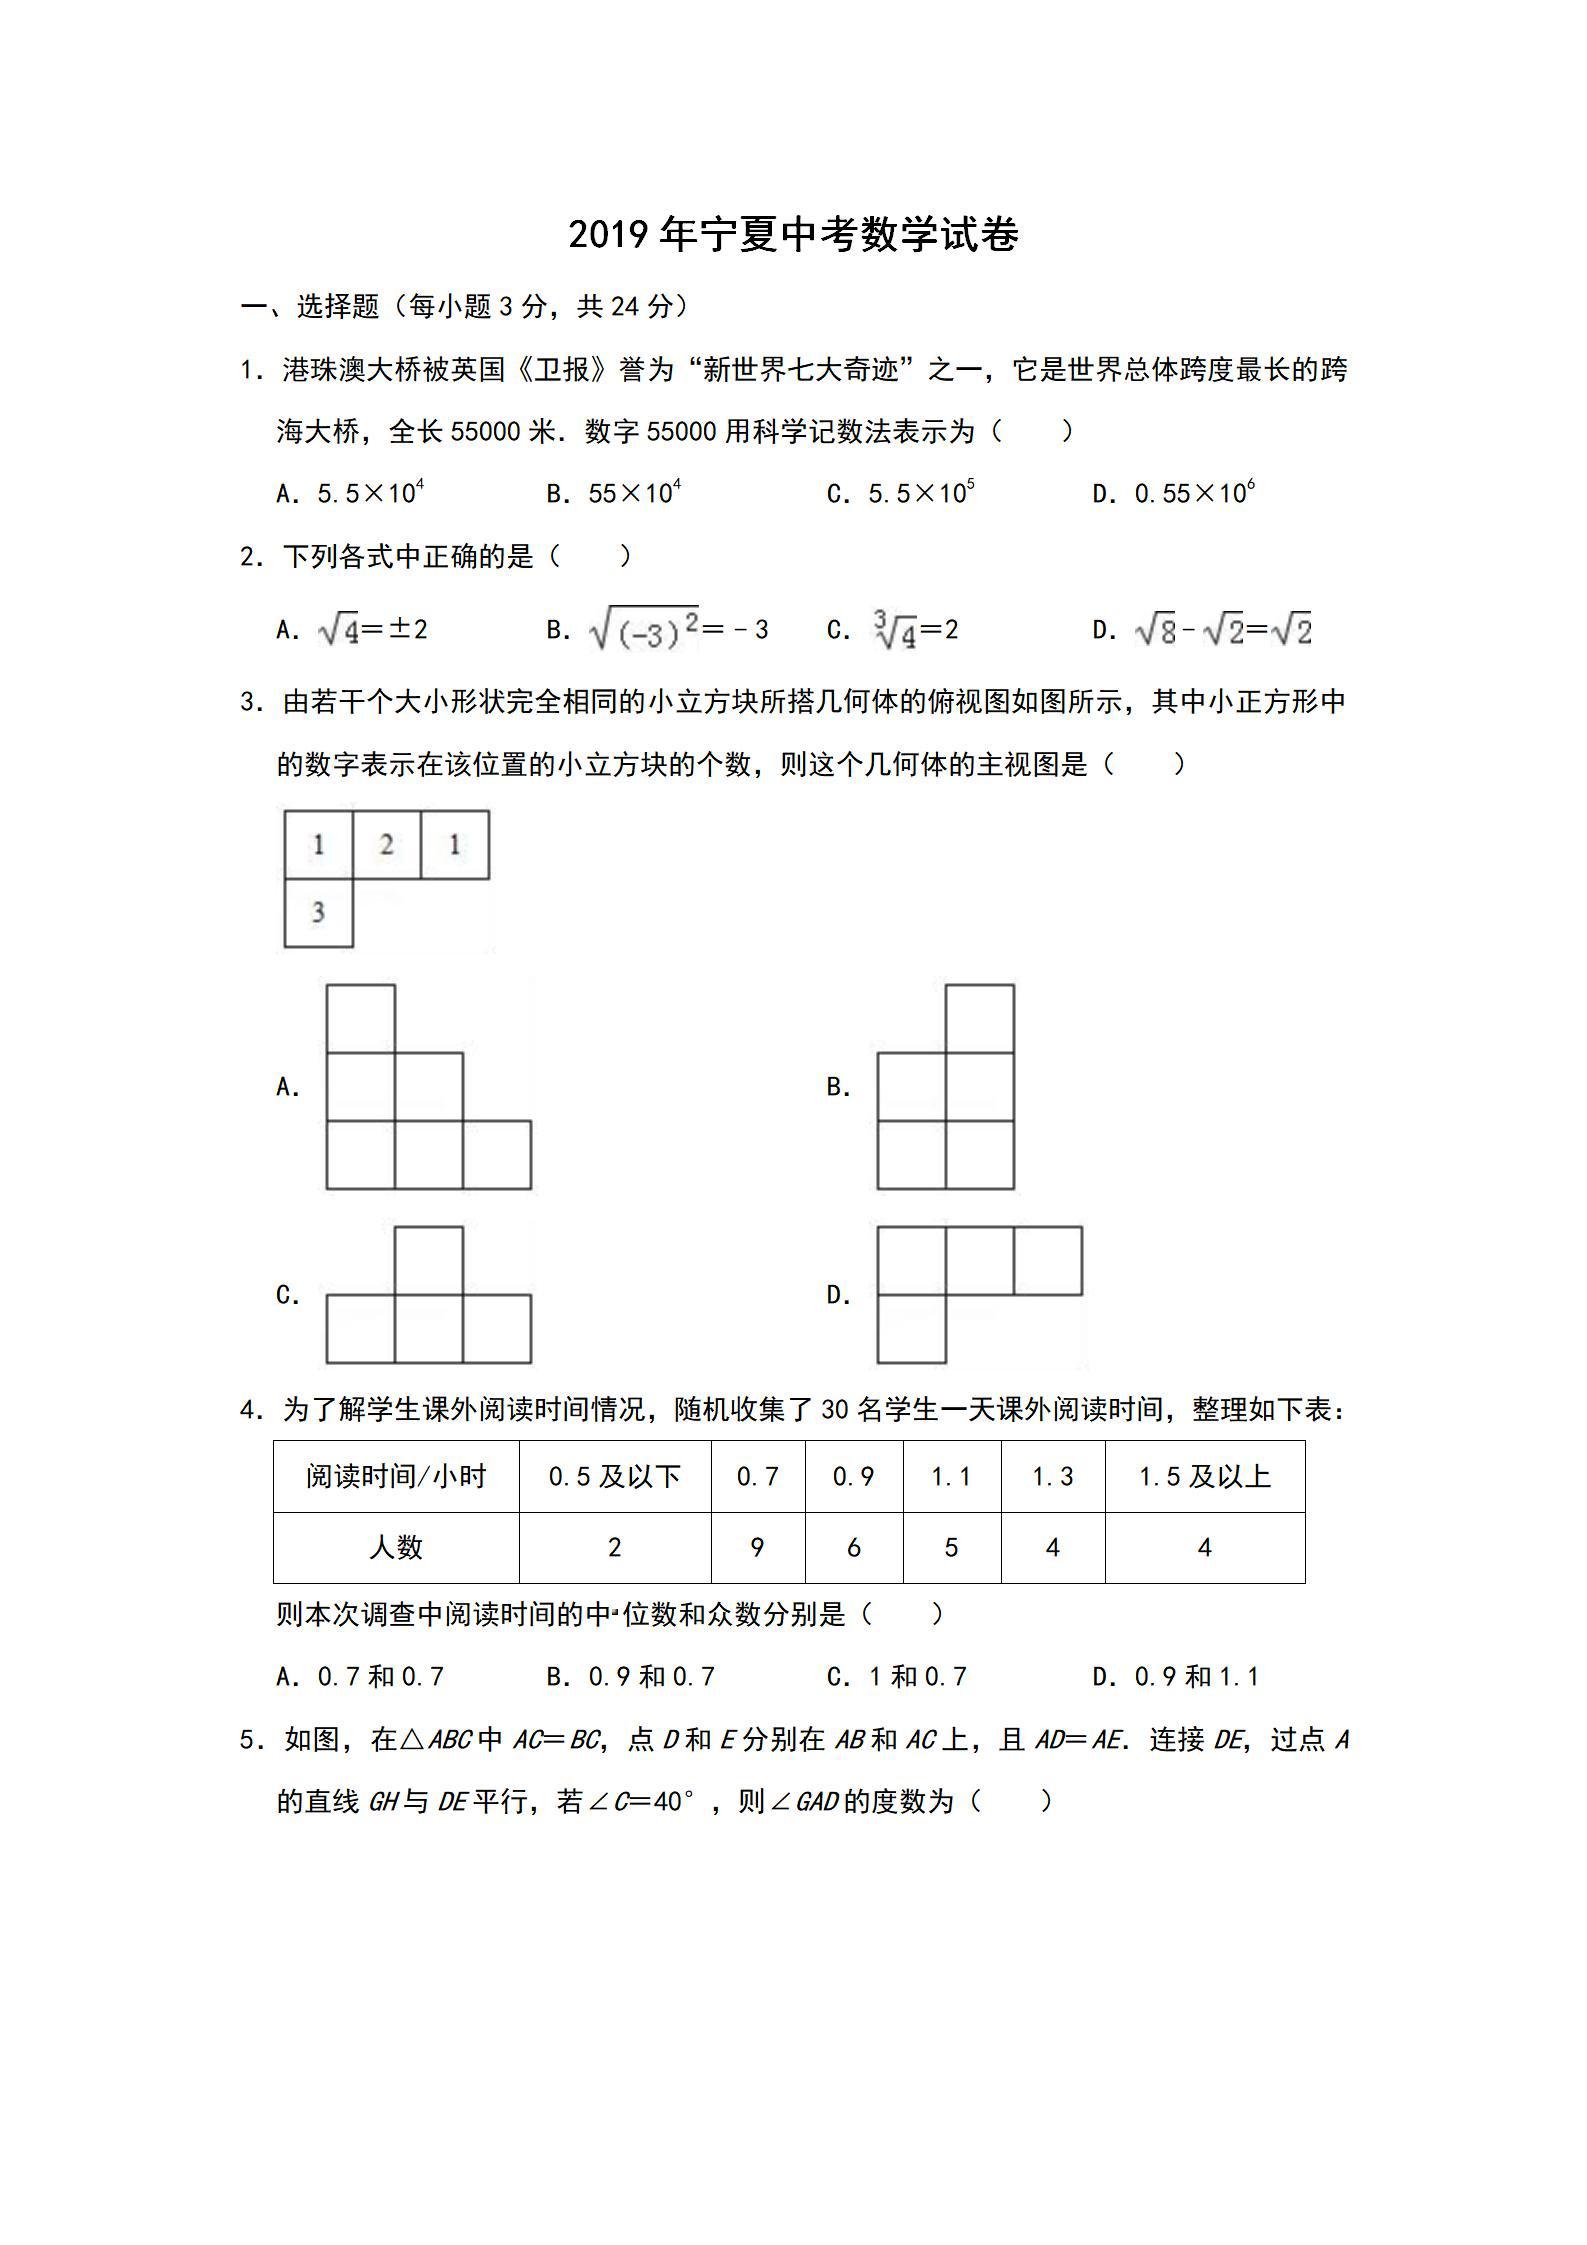 2019年宁夏中考《数学》真题及答案已公布